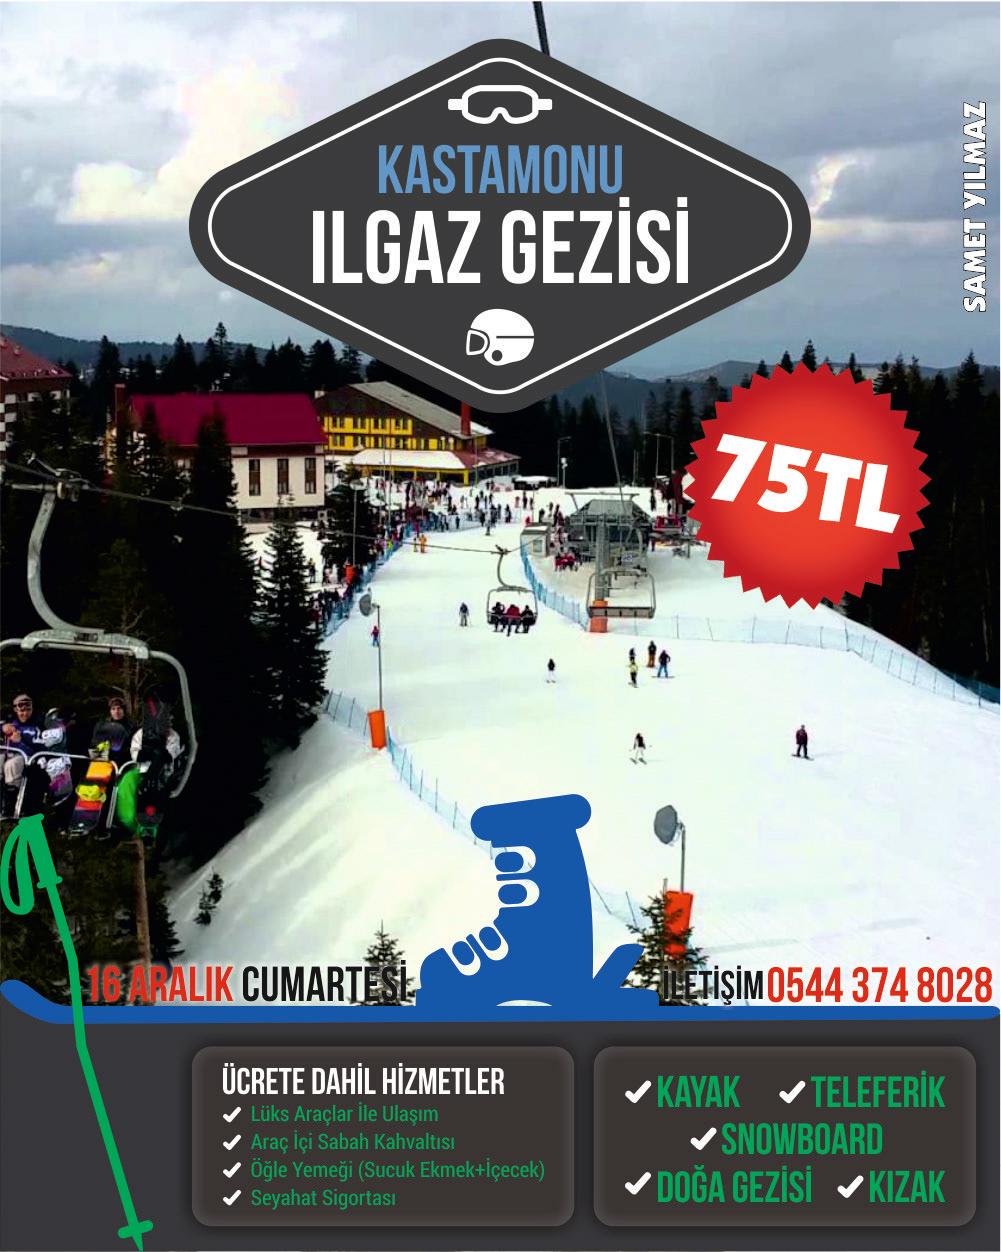 Image may contain: screenshot and skiing